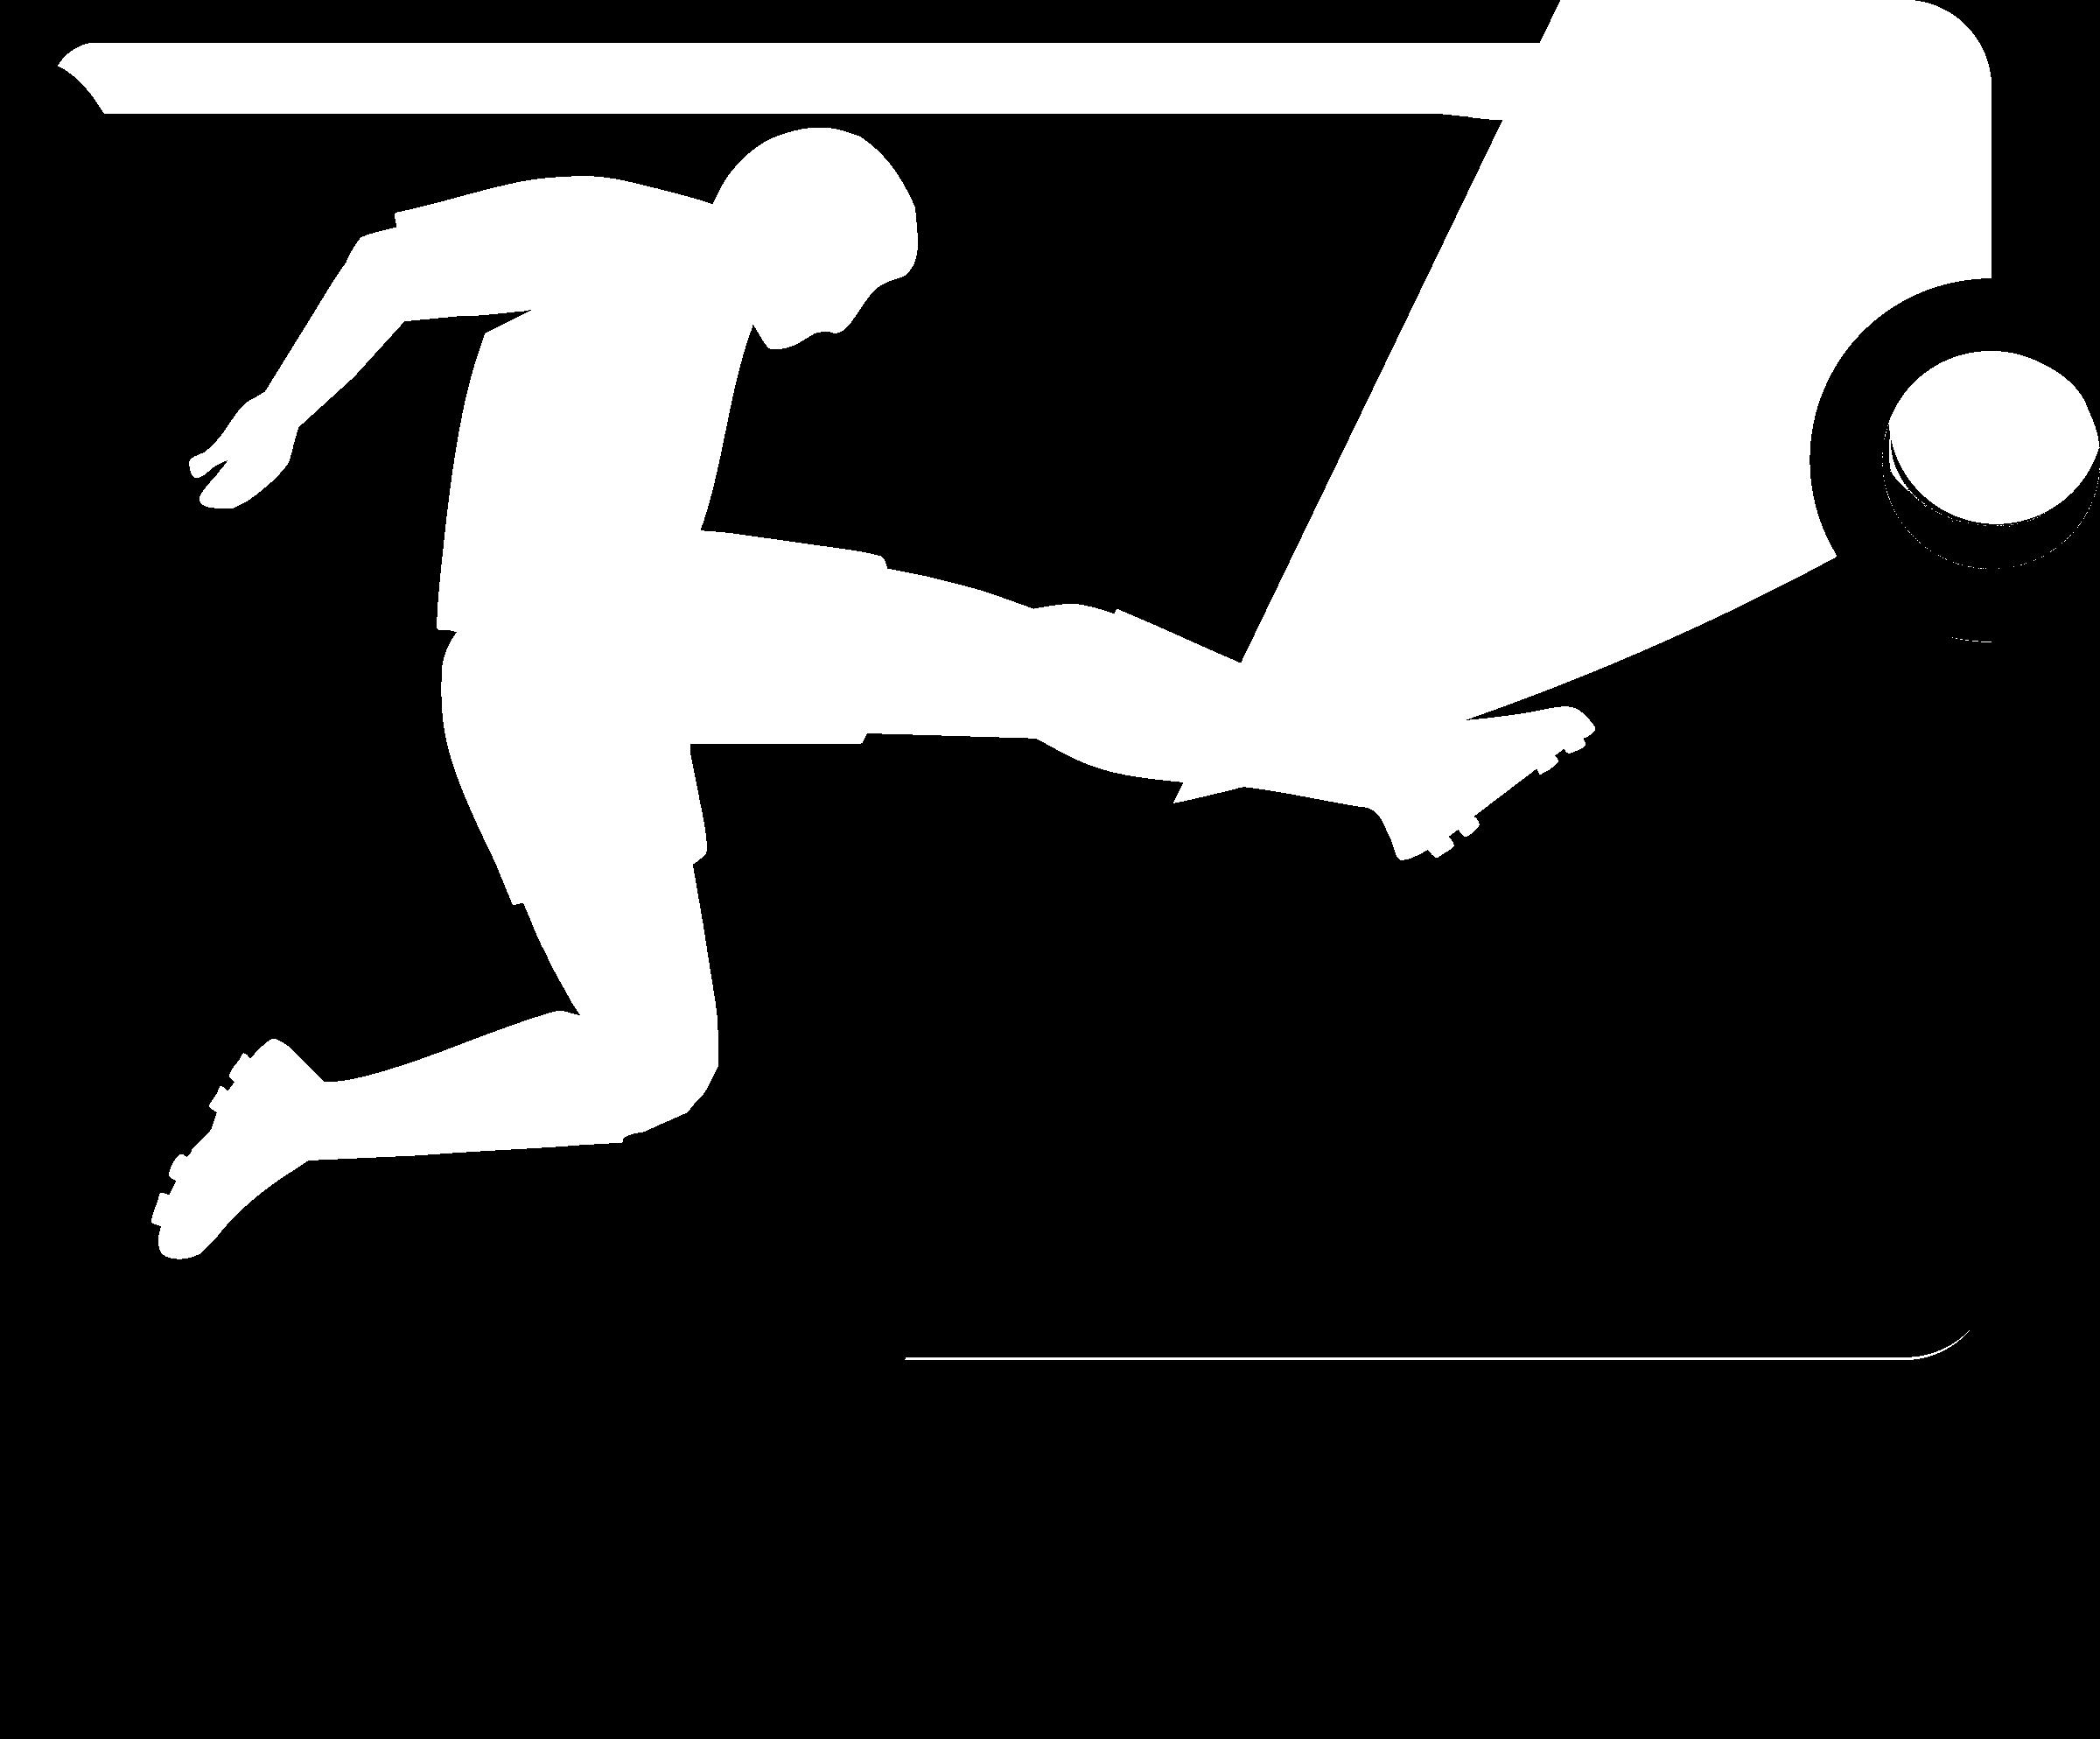 bundesliga logo png transparent svg vector freebie supply bundesliga logo png transparent svg